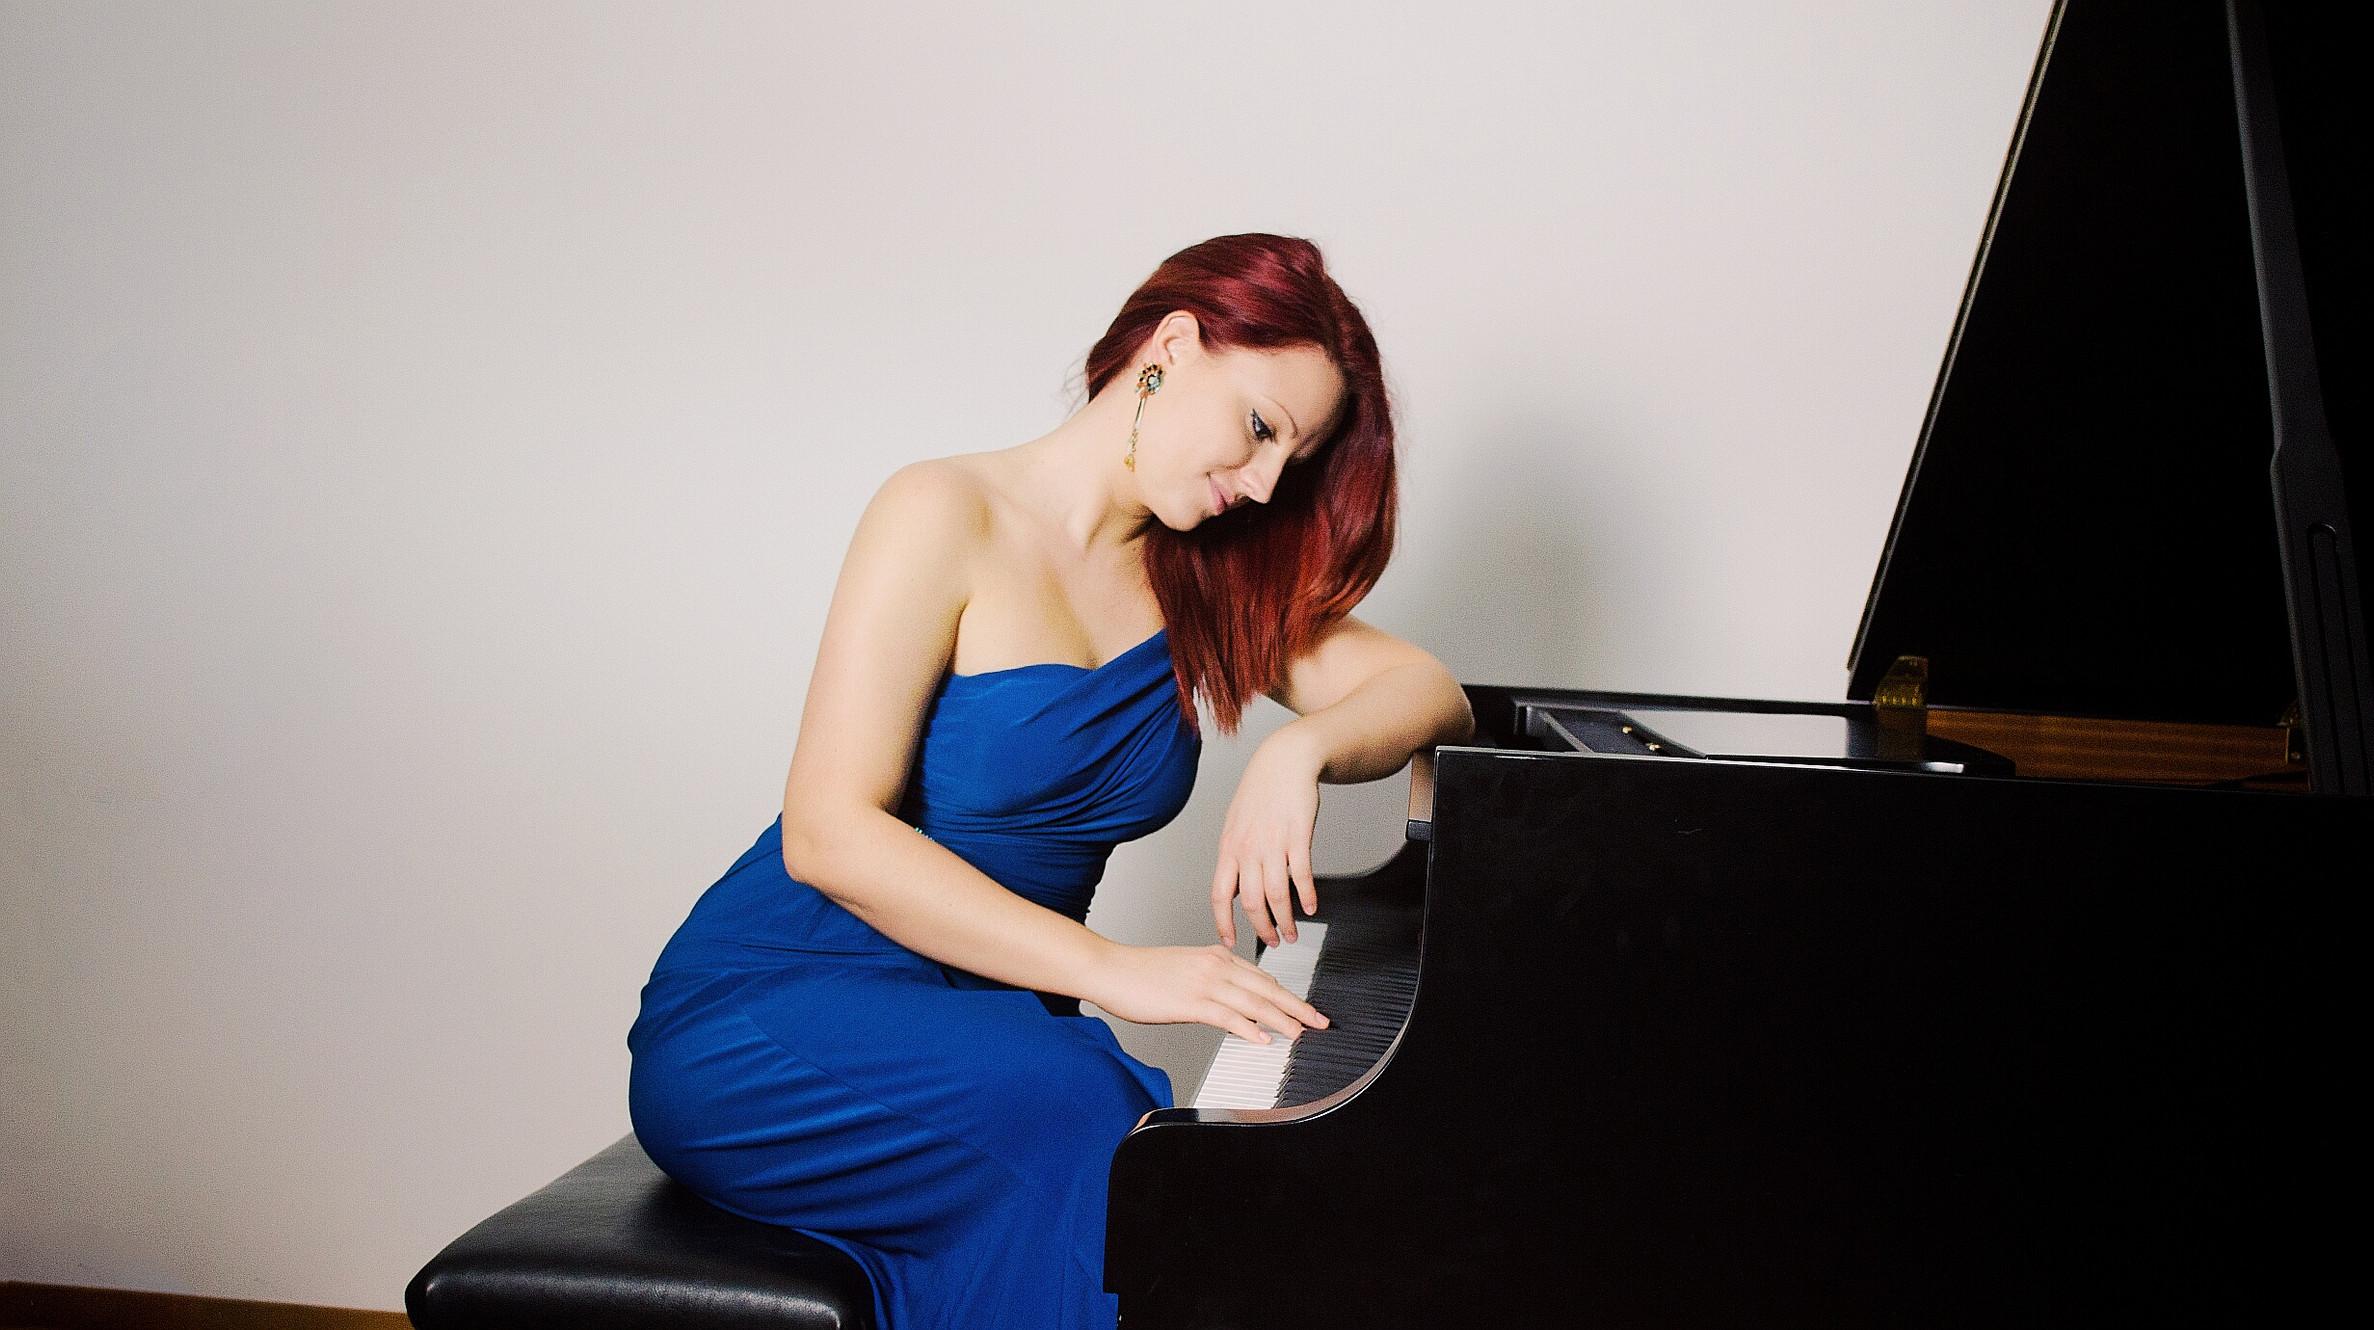 Ana Milojkovic biography | ana marković